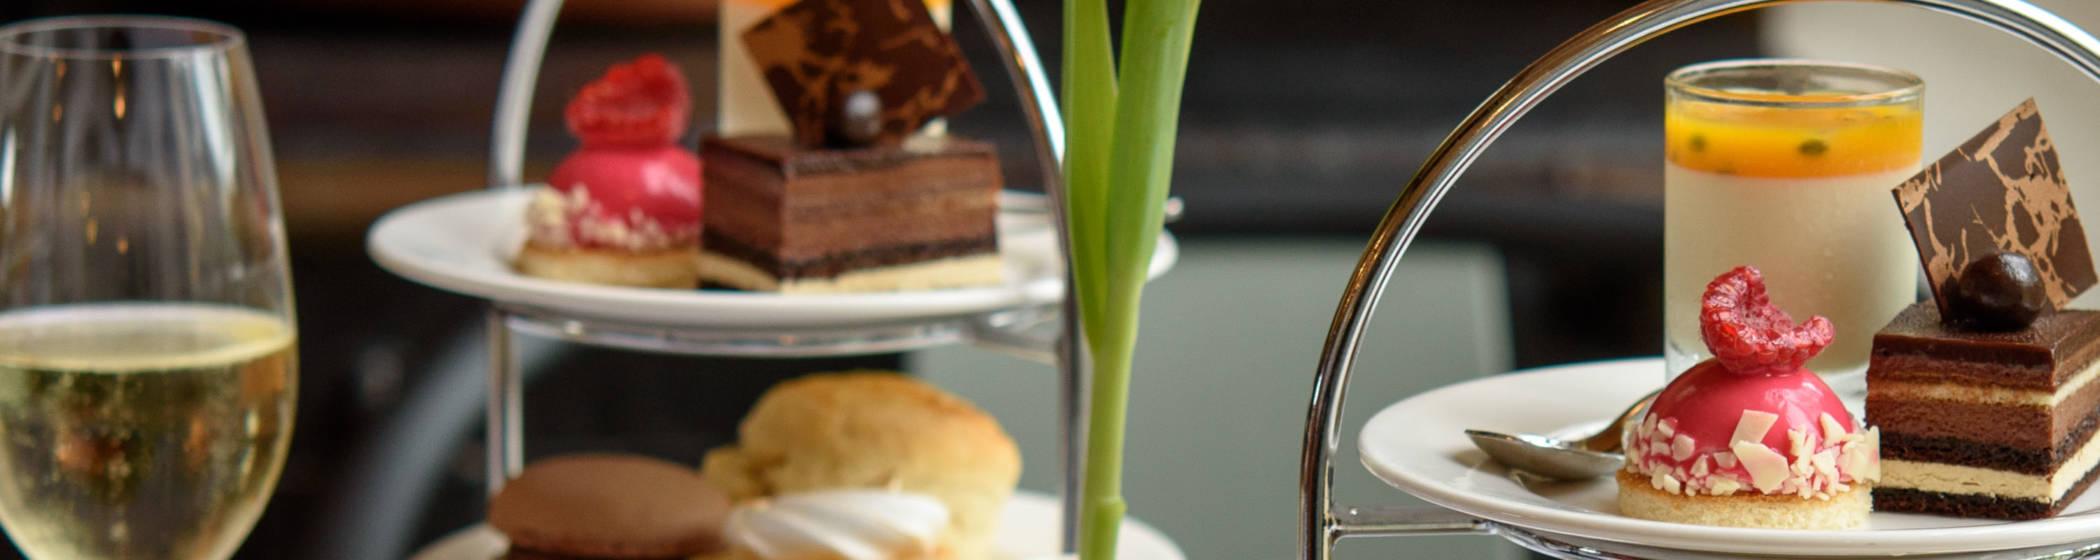 Afternoon tea close up